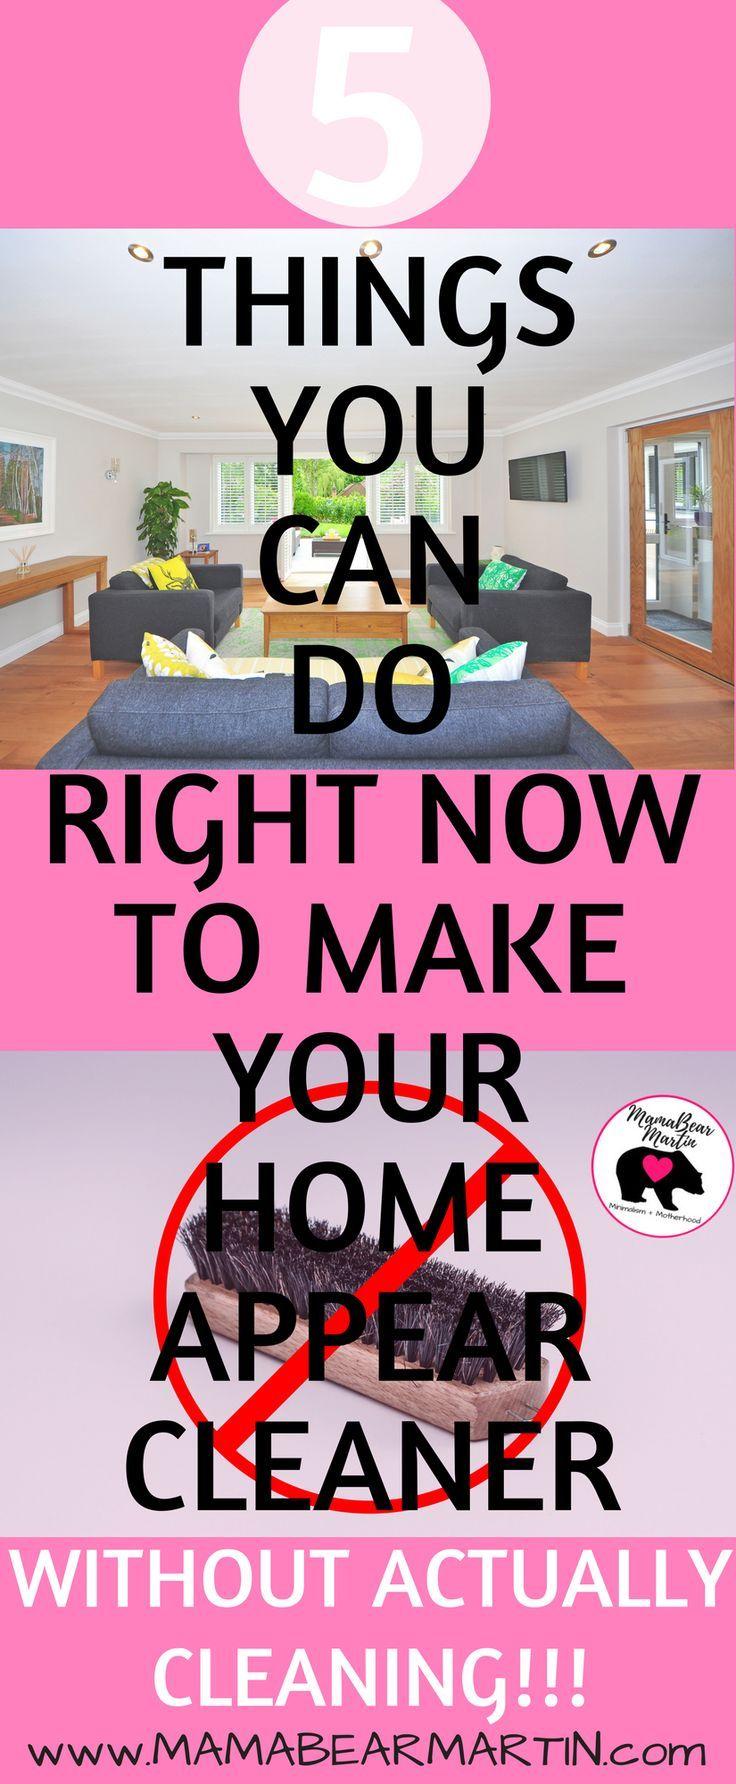 595 best Household Tips & Tricks images on Pinterest